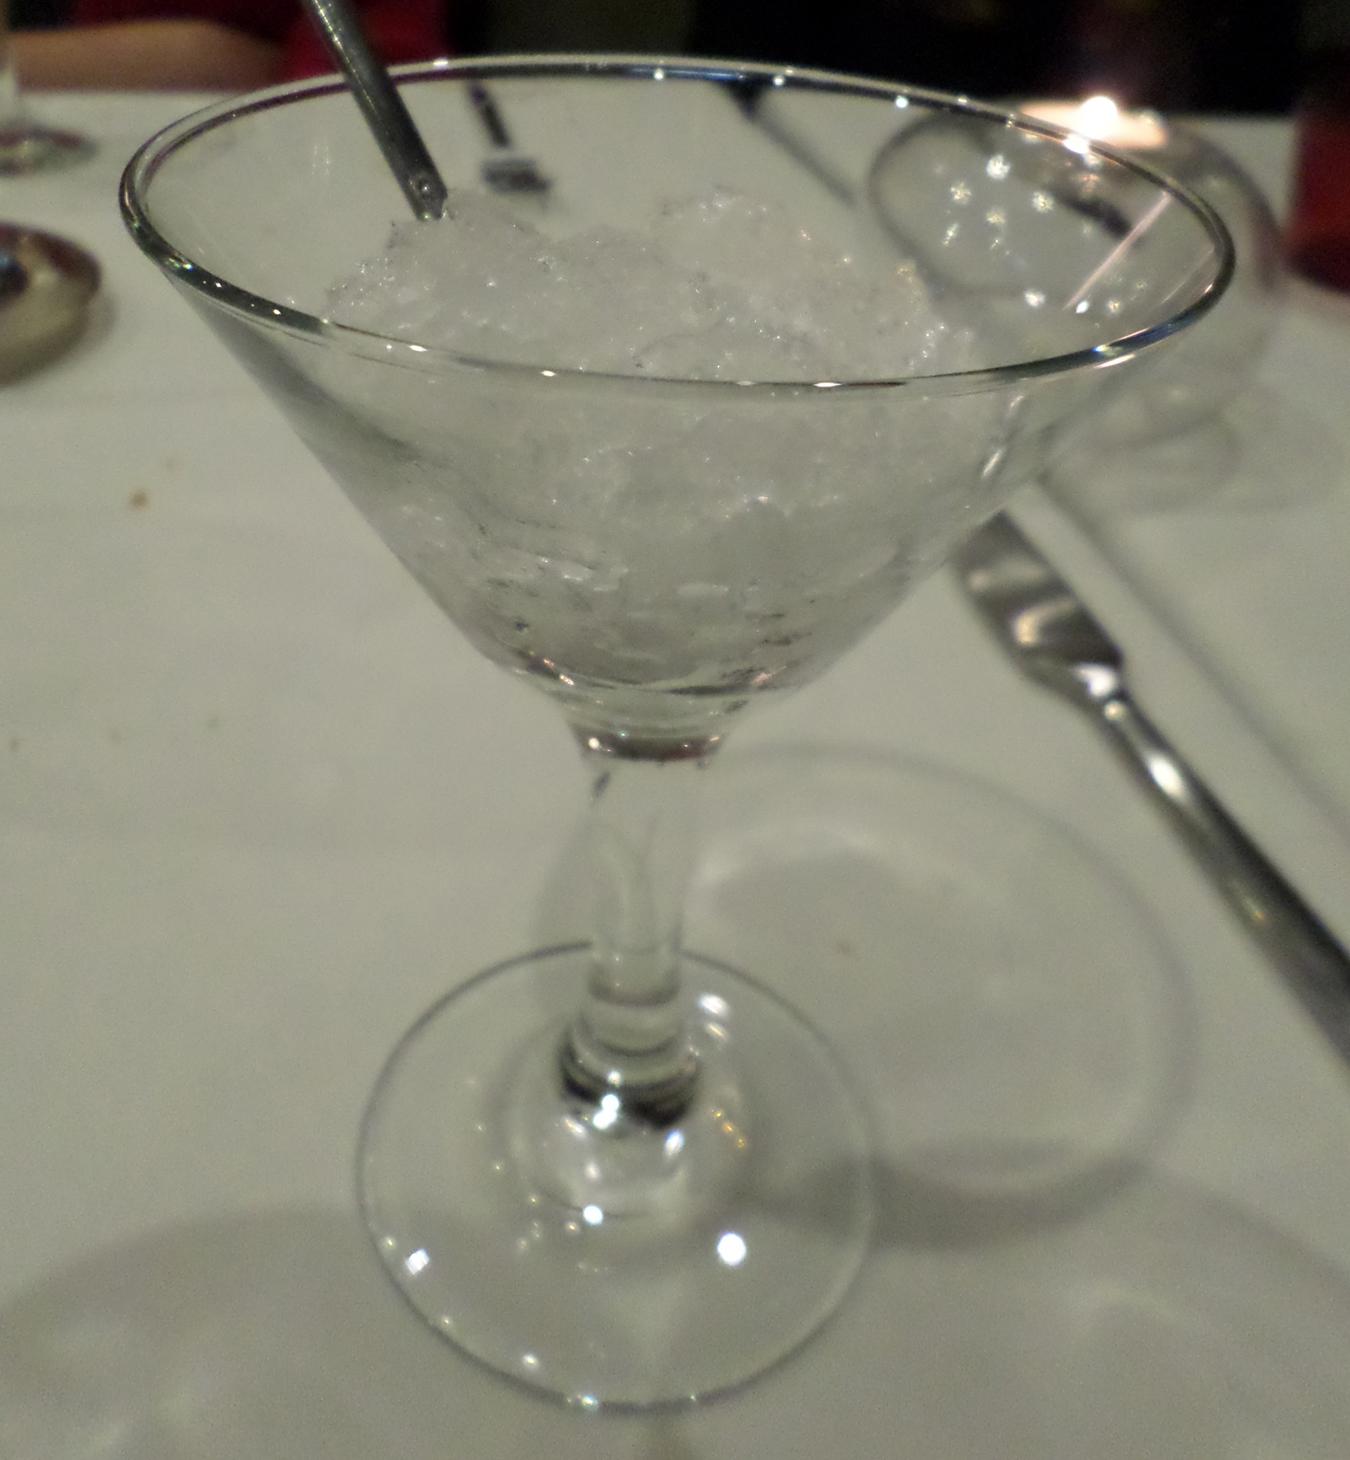 Aurelio_Gómez-Miranda_bloG-M_Restaurante_La_Salita_Granozado_Gin_Tonic